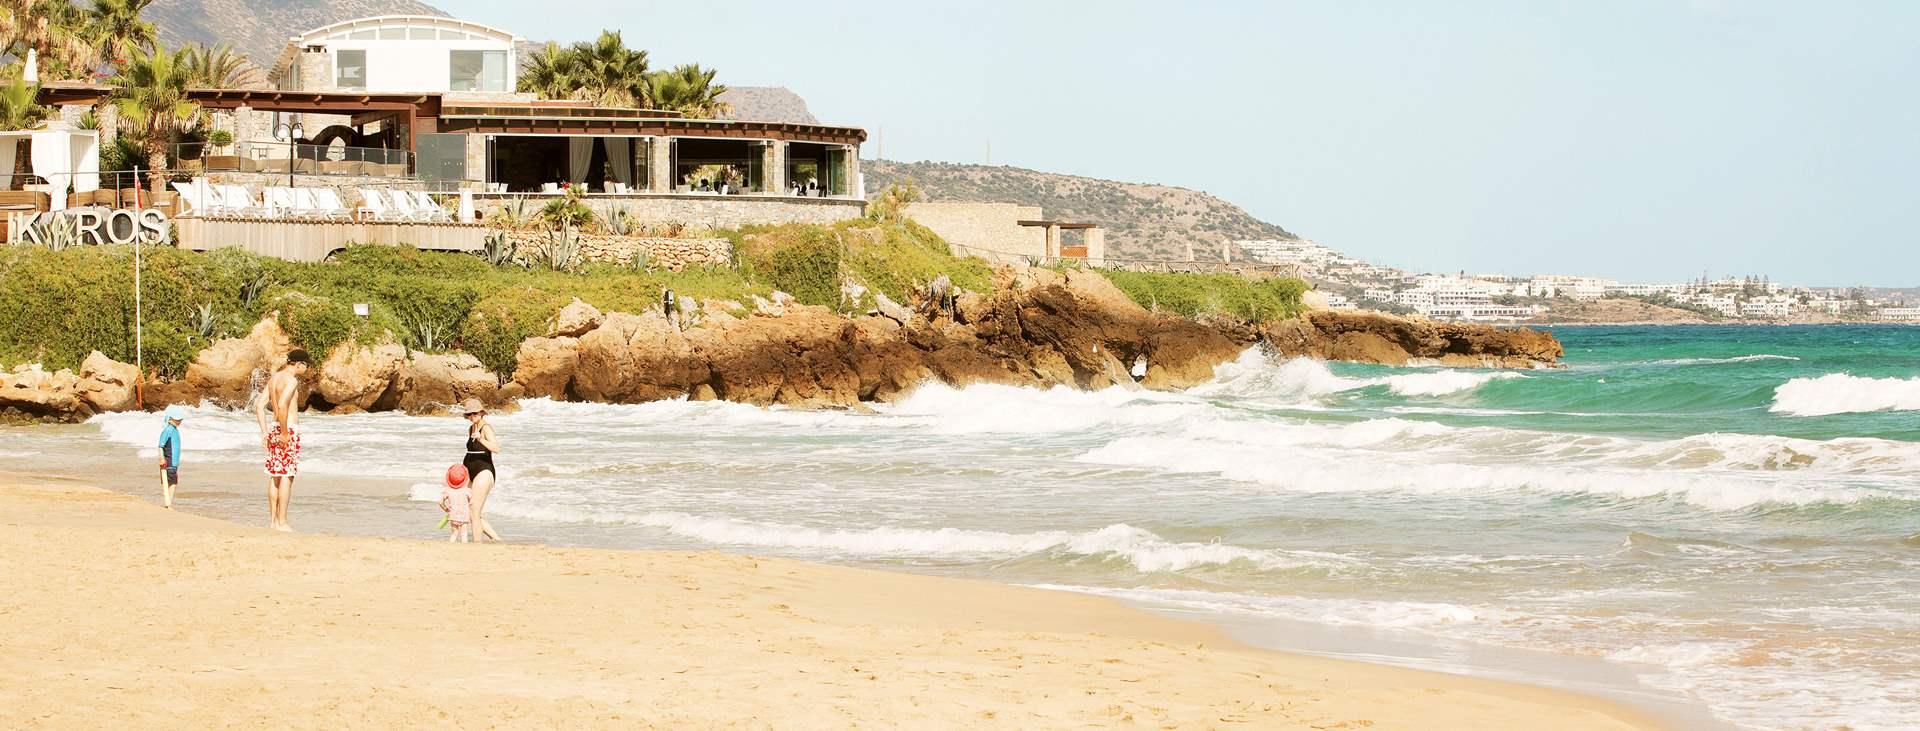 Boka din resa till Hersonissos på Kreta med Ving